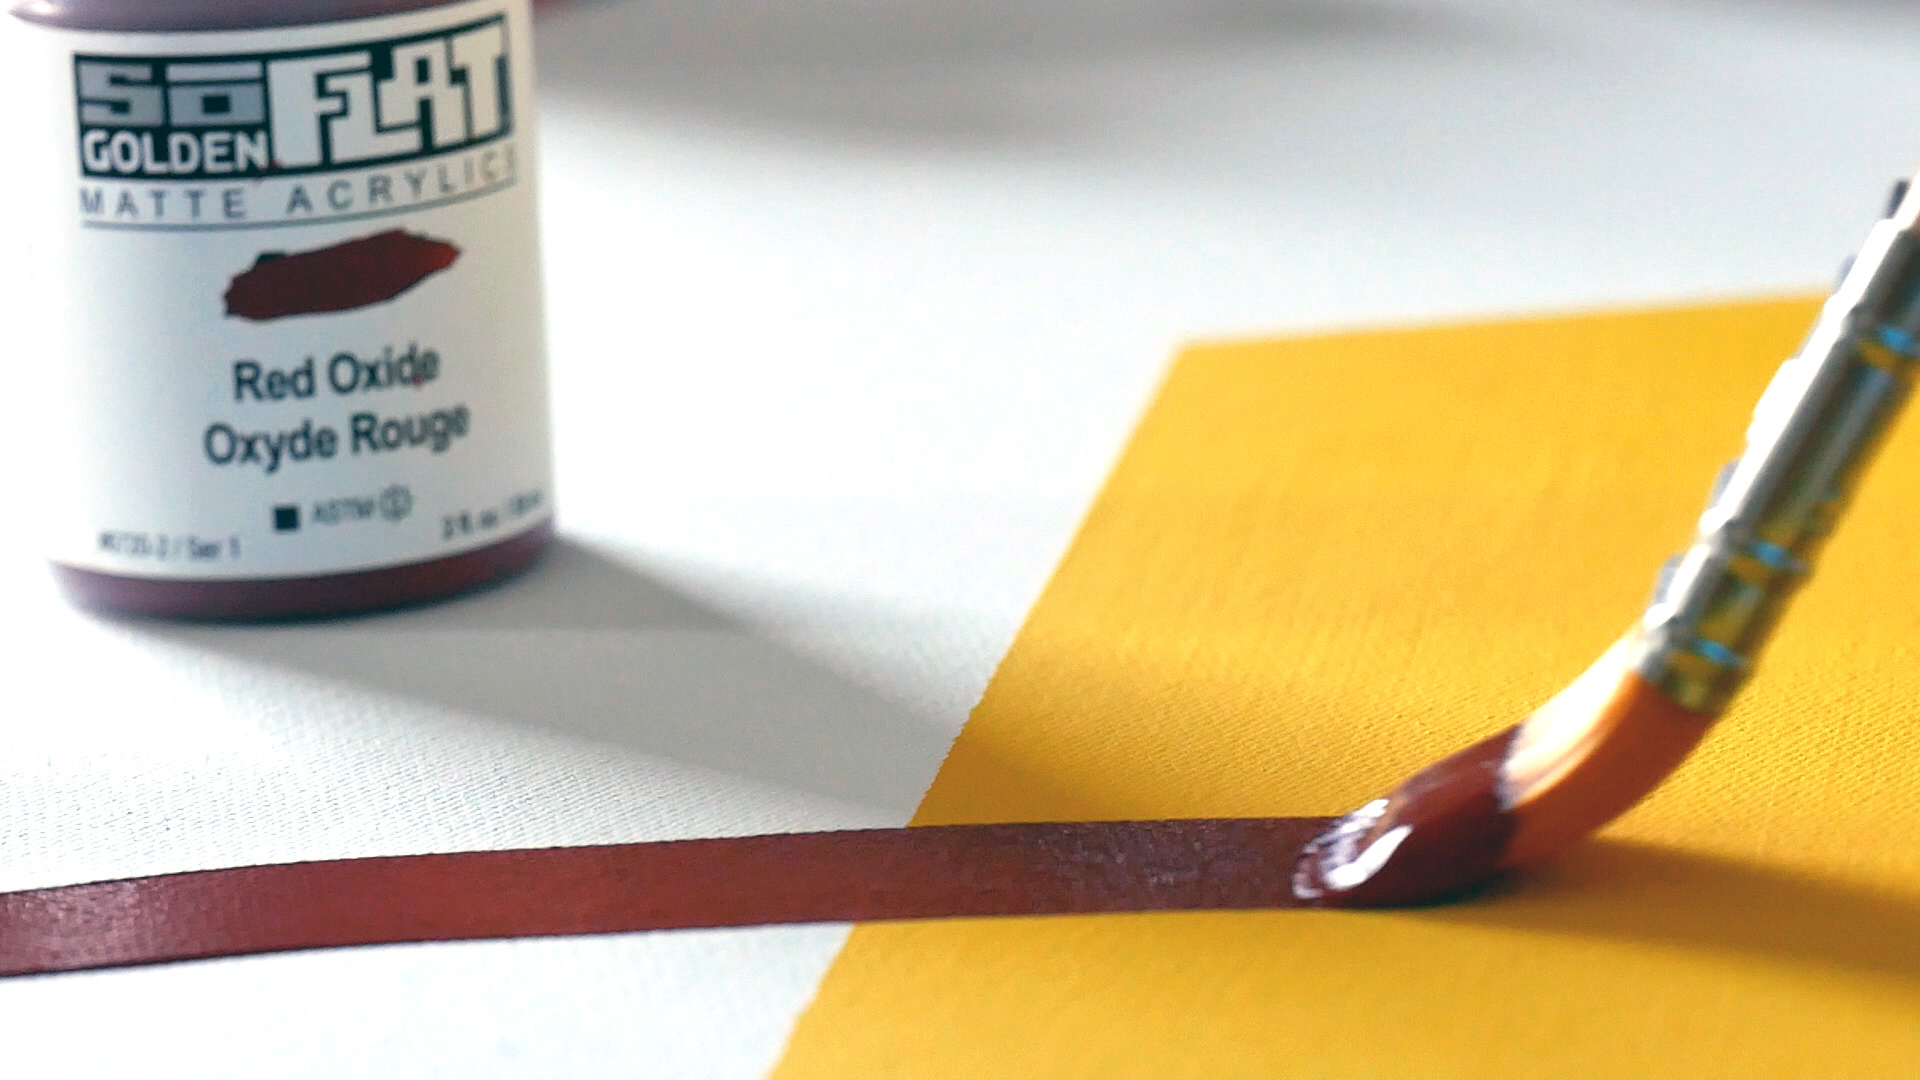 Golden So Flat Matte Acrylics